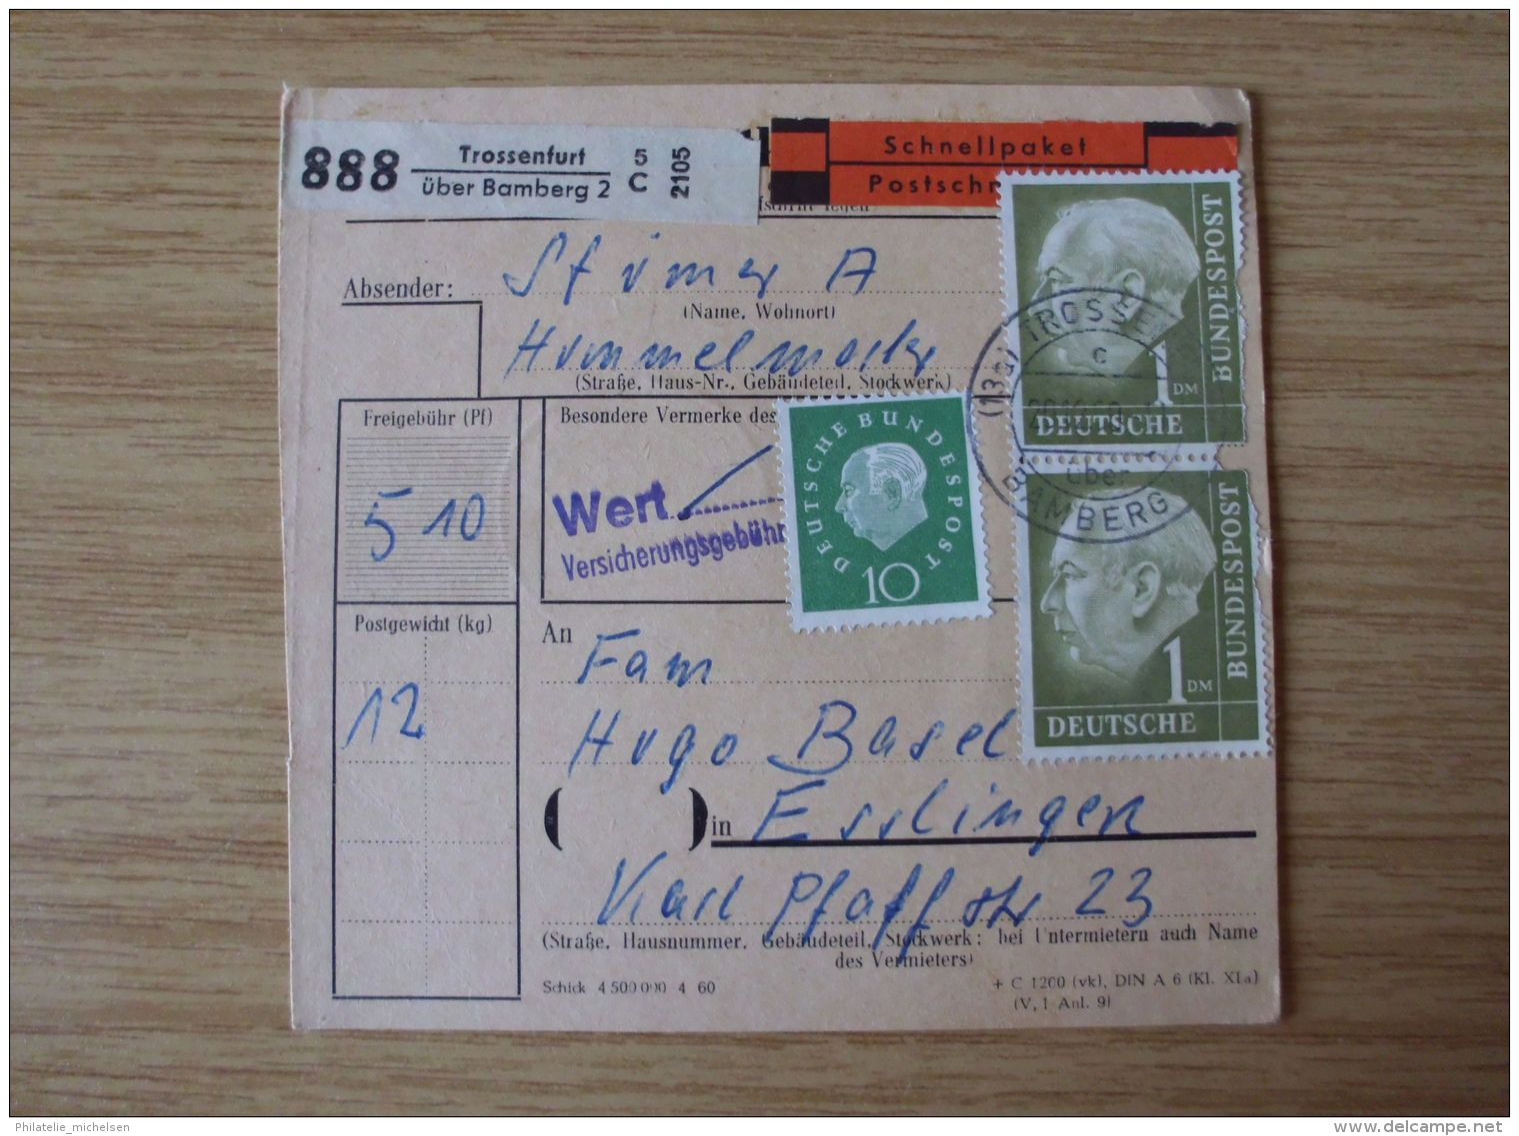 1959/60, SAMMLUNG PAKETKARTEN Mit Der HEUSS-AUSGABE Mit STEMPEL Von TROSSENFURT über BAMBERG - Storia Postale